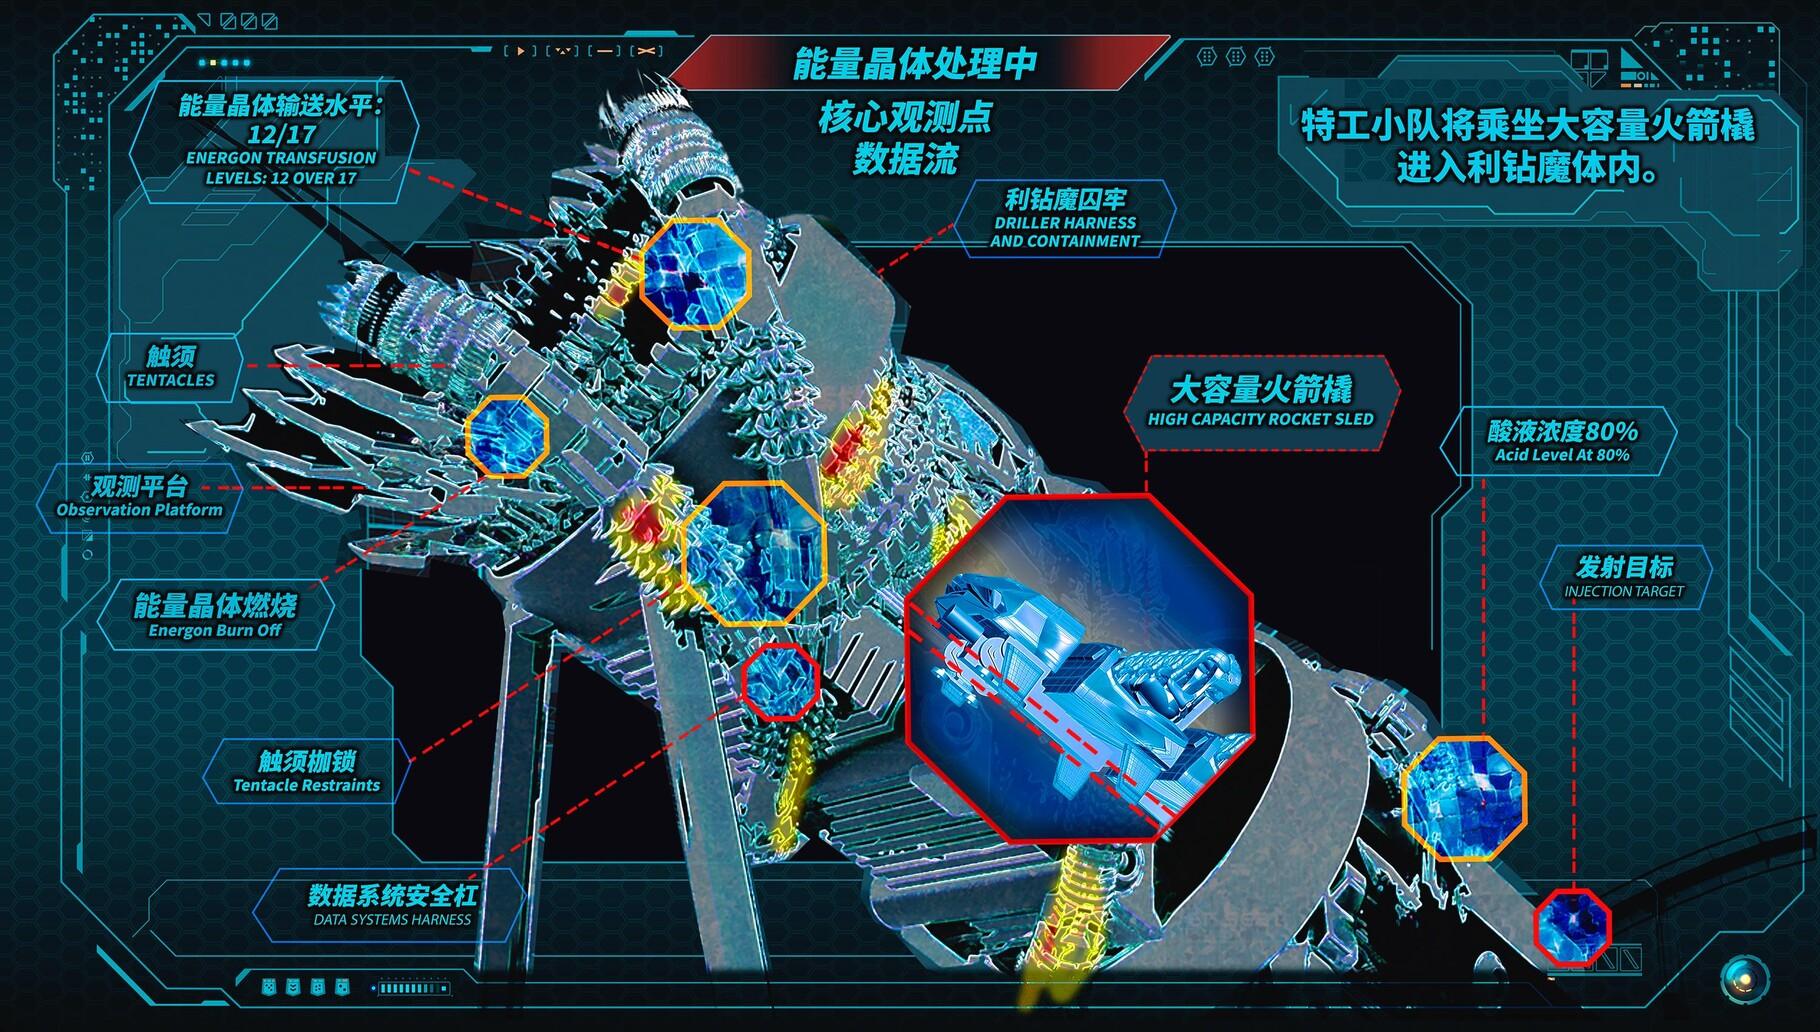 universal-studios-beijing-36001300.jpeg